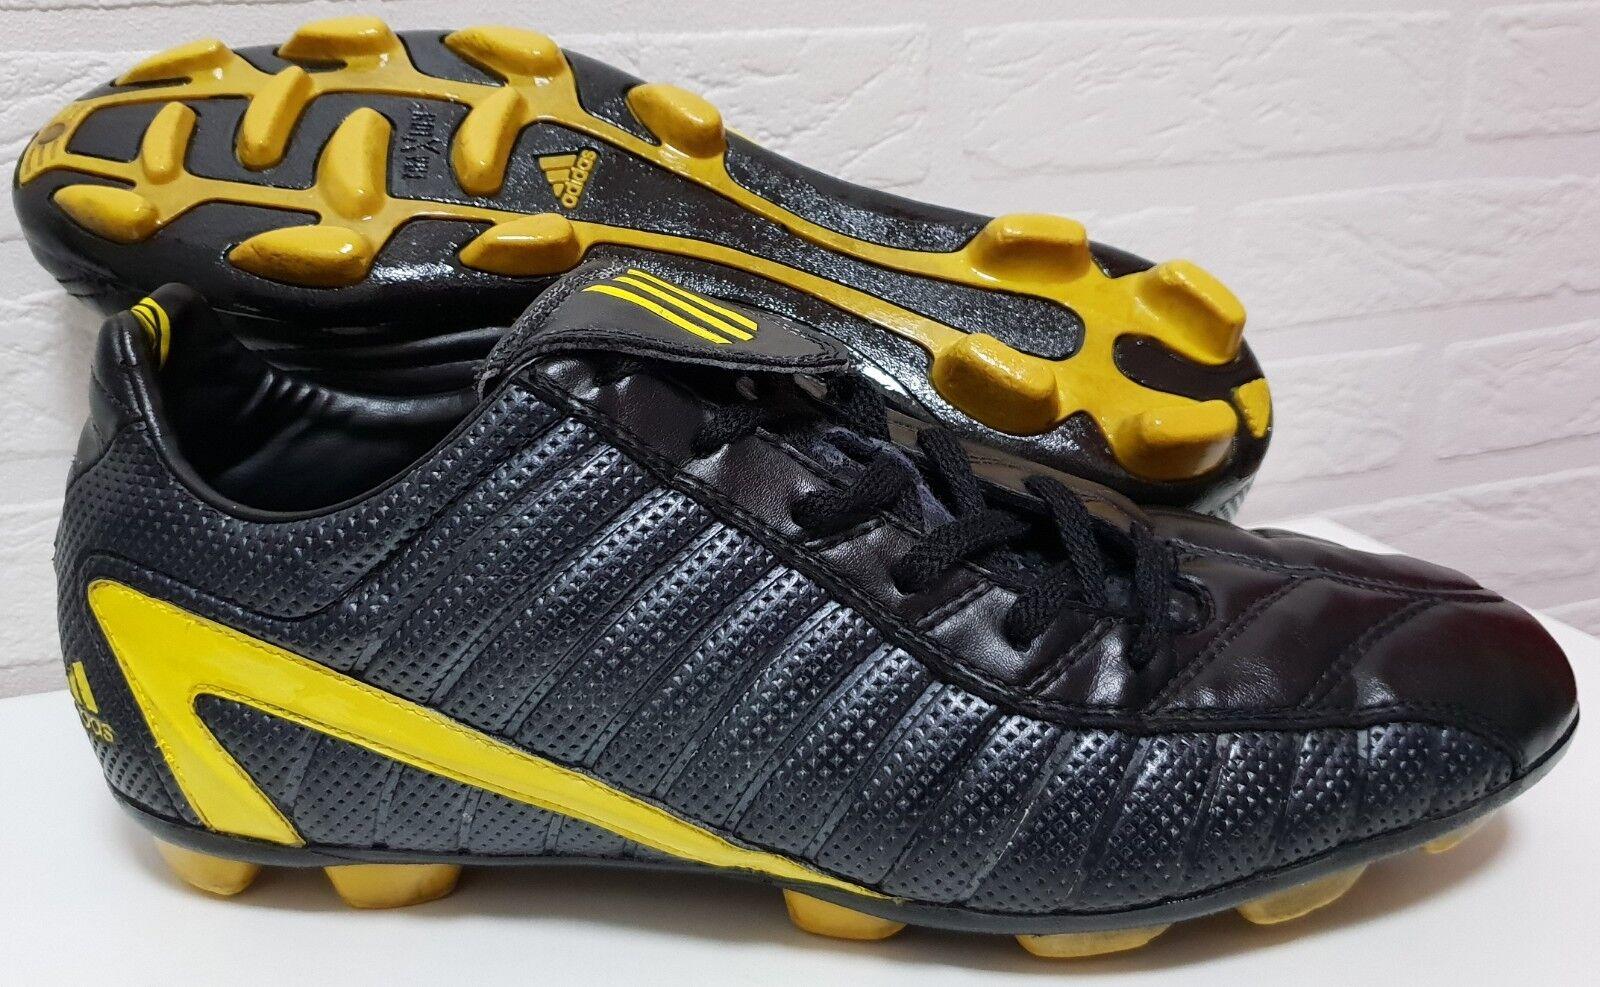 Adidas Protator F10 ; 42 2 3 3 3 ; 42,5 ; 43 ; US 9 ; UK 8,5 Mania , 145734